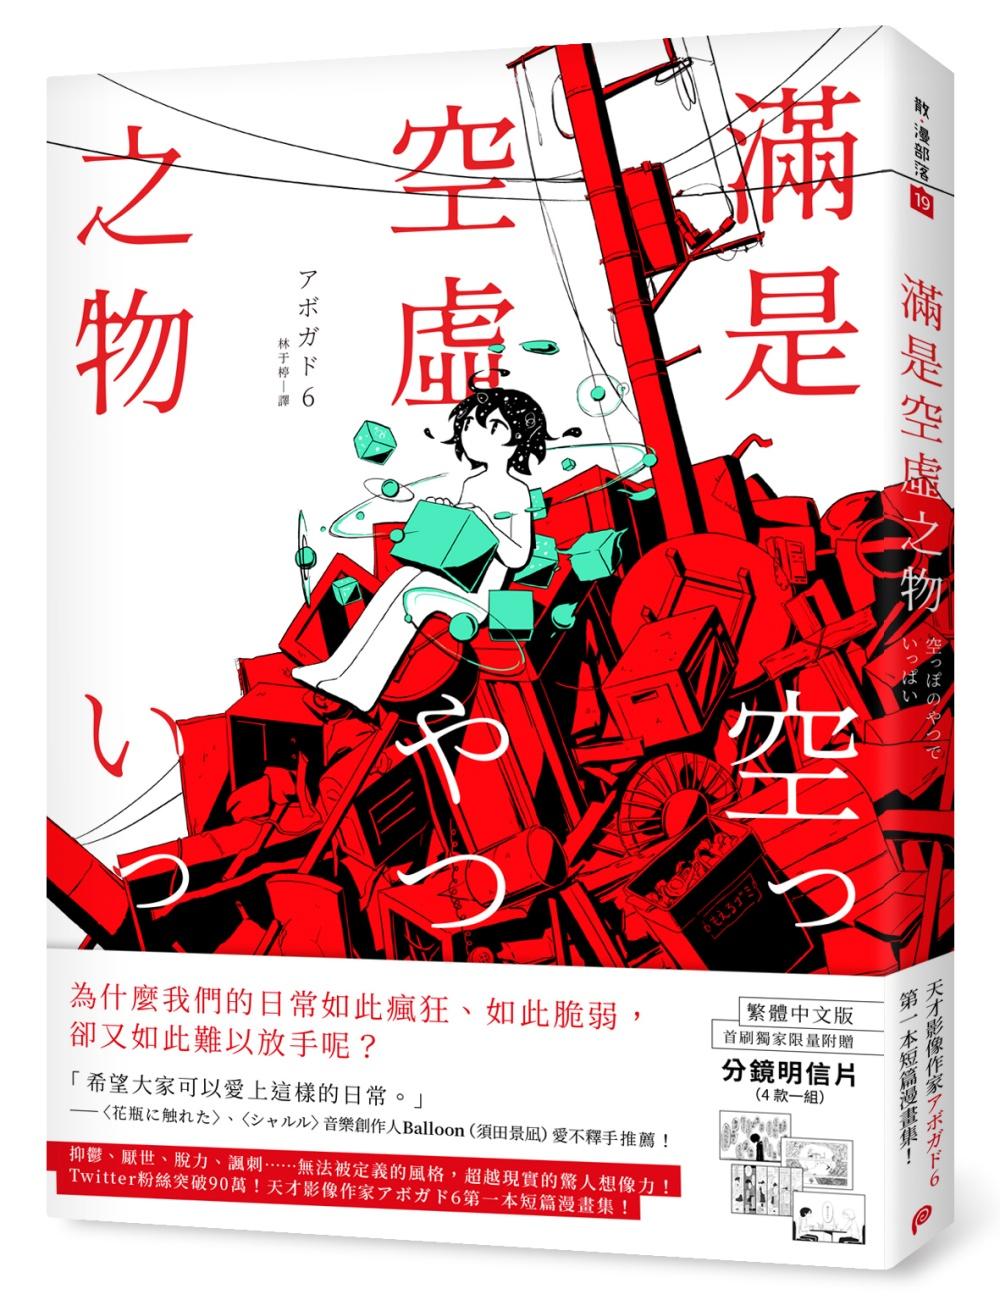 ◤博客來BOOKS◢ 暢銷書榜《推薦》滿是空虛之物:天才影像作家アボガド6第一本短篇漫畫集,繁體中文版首刷獨家限量附贈分鏡明信片組